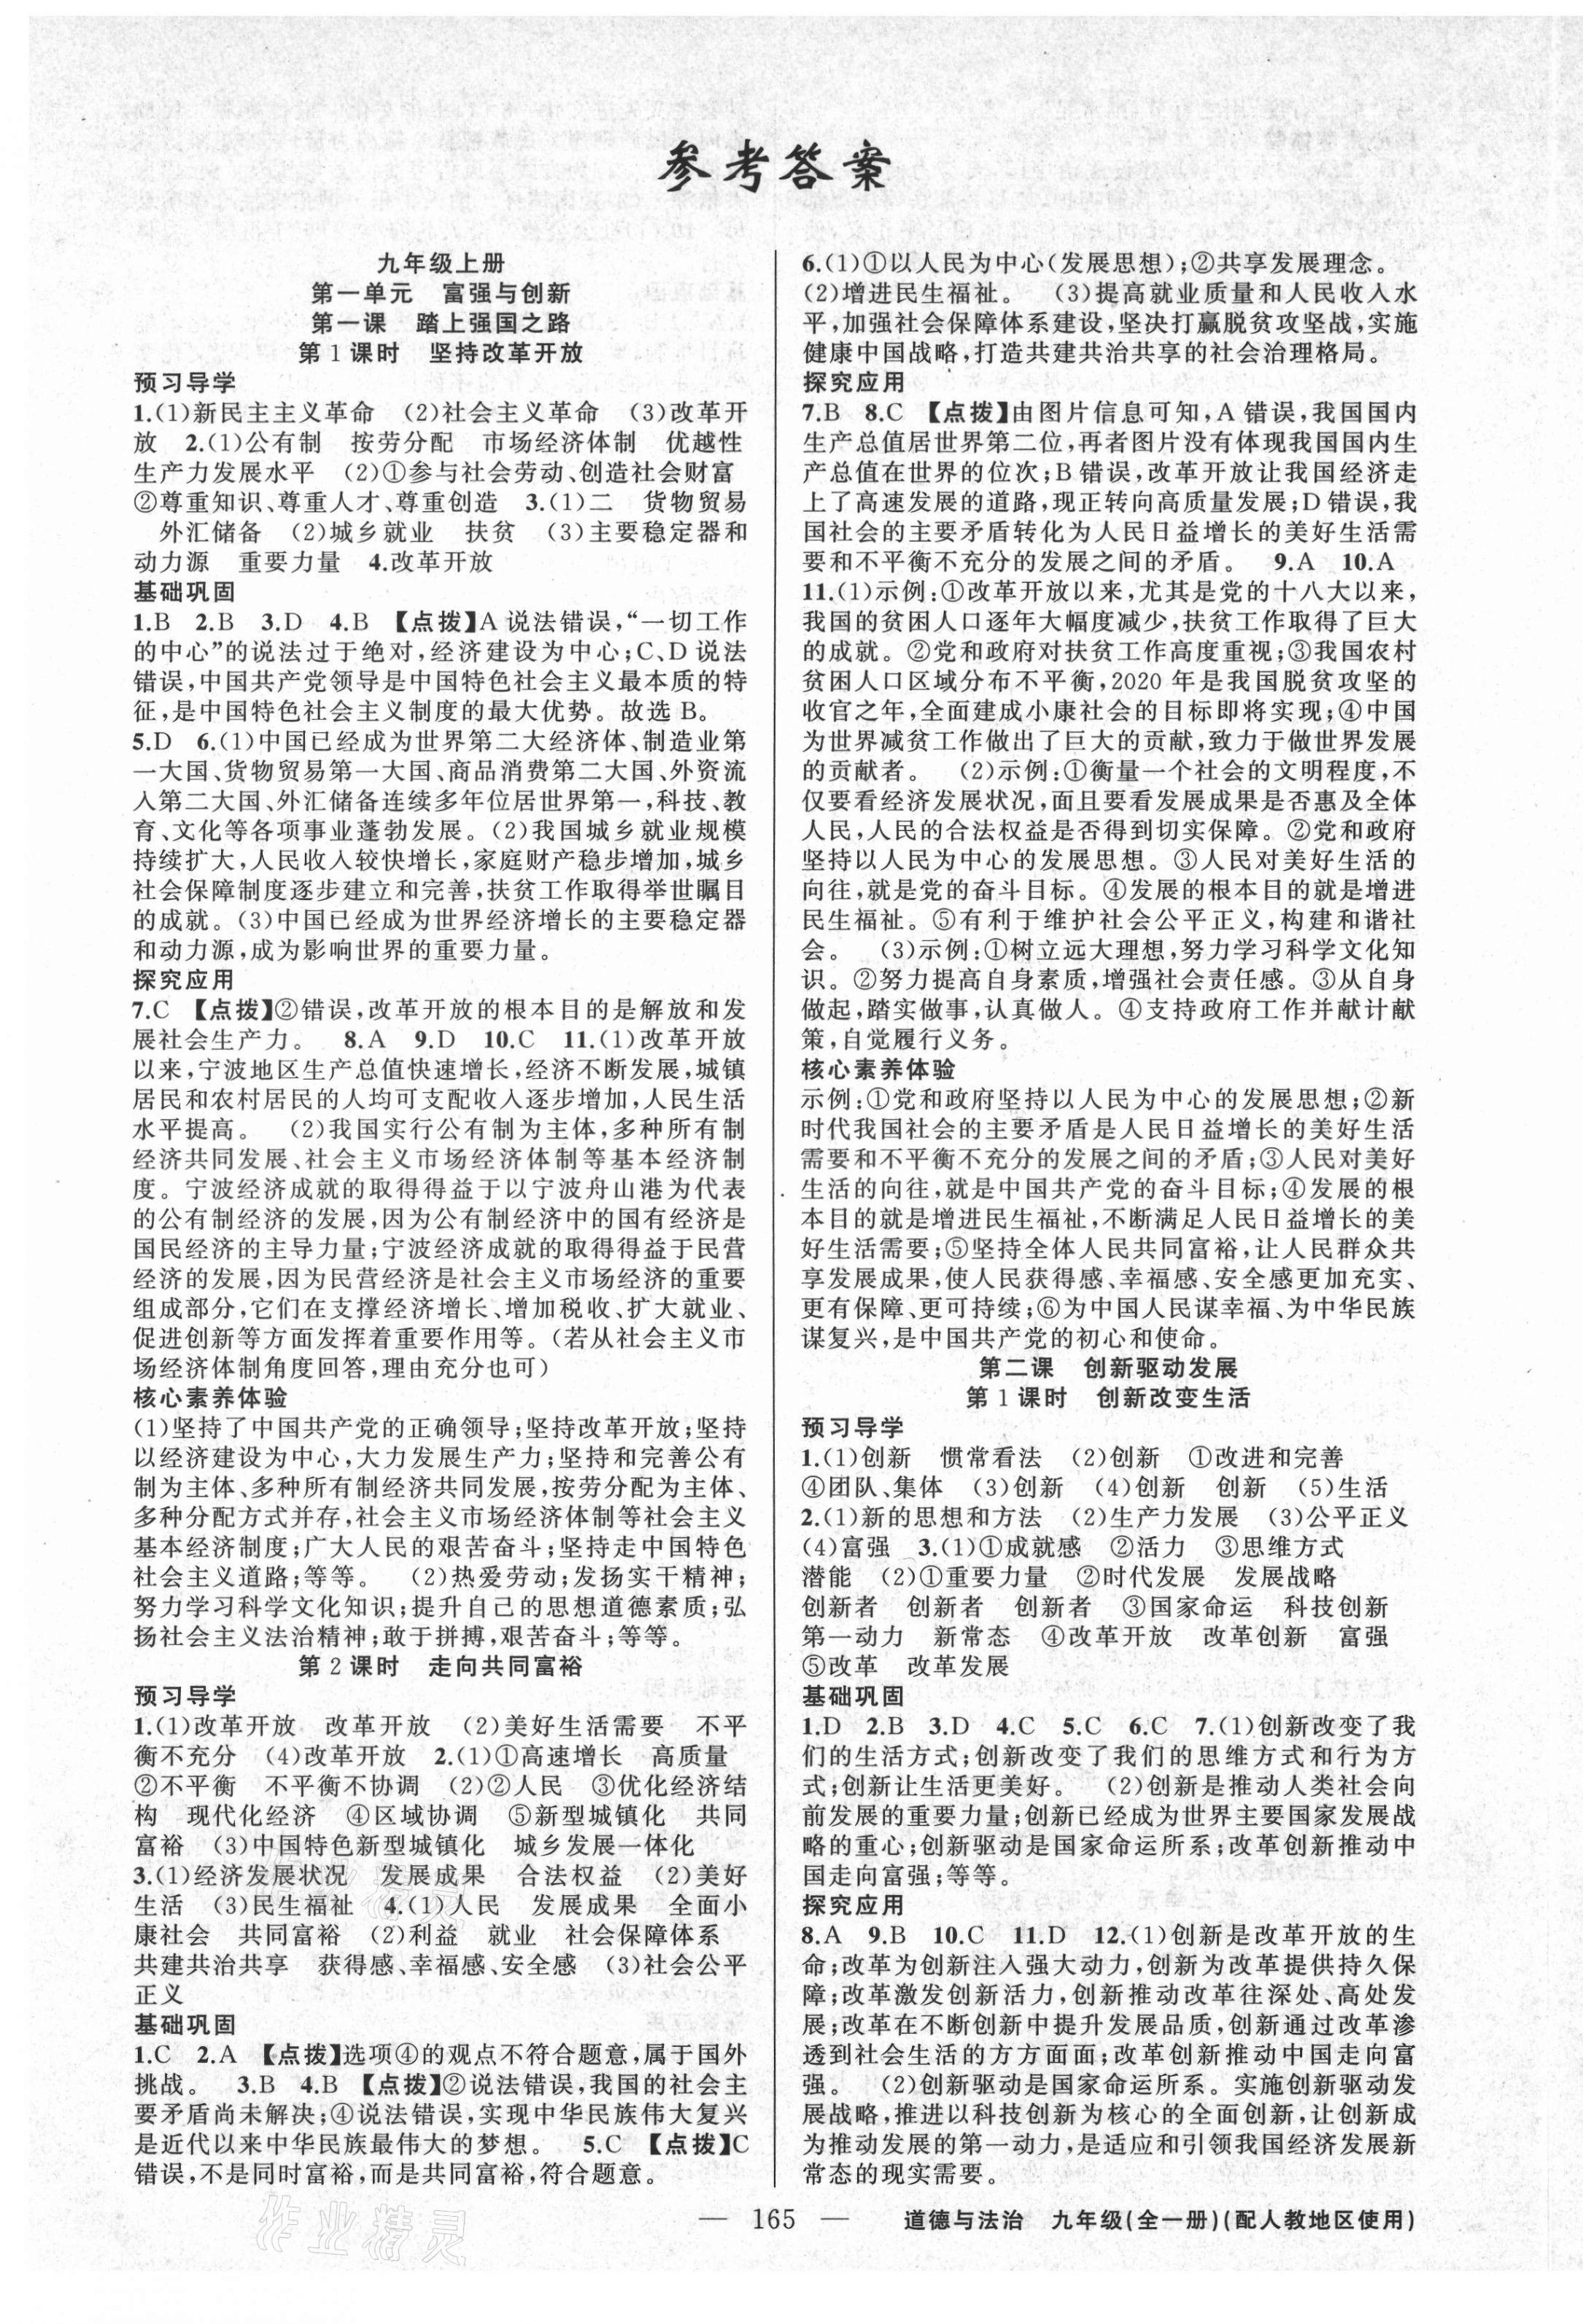 2021年原創新課堂九年級道德與法治全一冊人教版達州專版第1頁